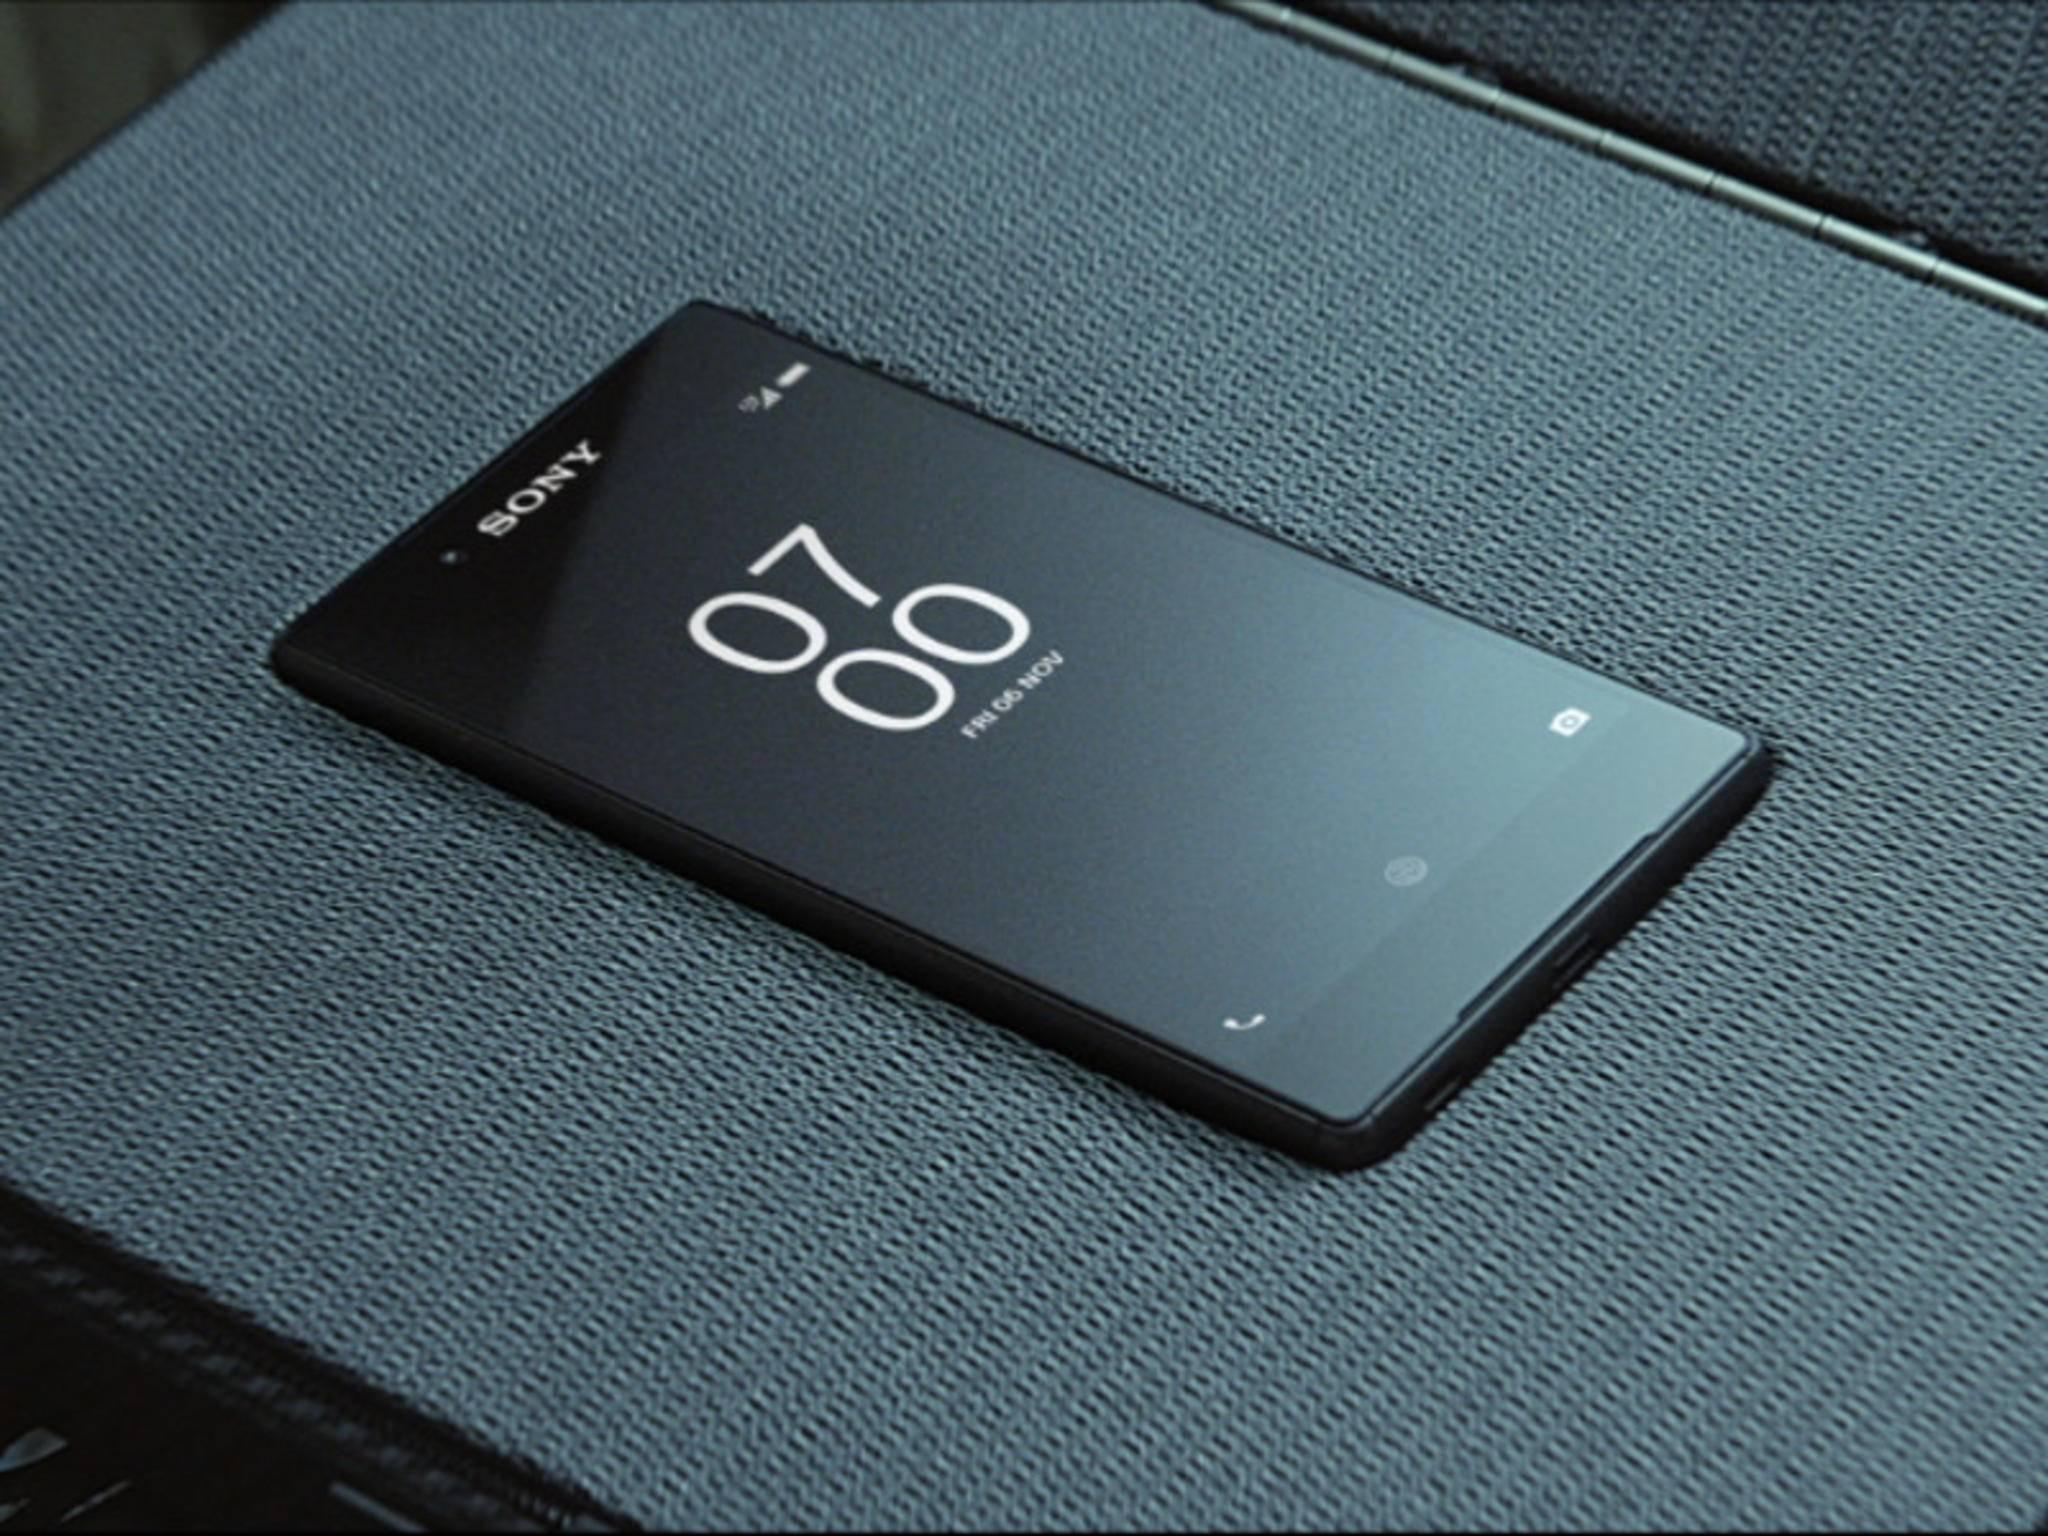 Das Xperia Z5 wird bald in einer speziellen Bond-Edition erscheinen.